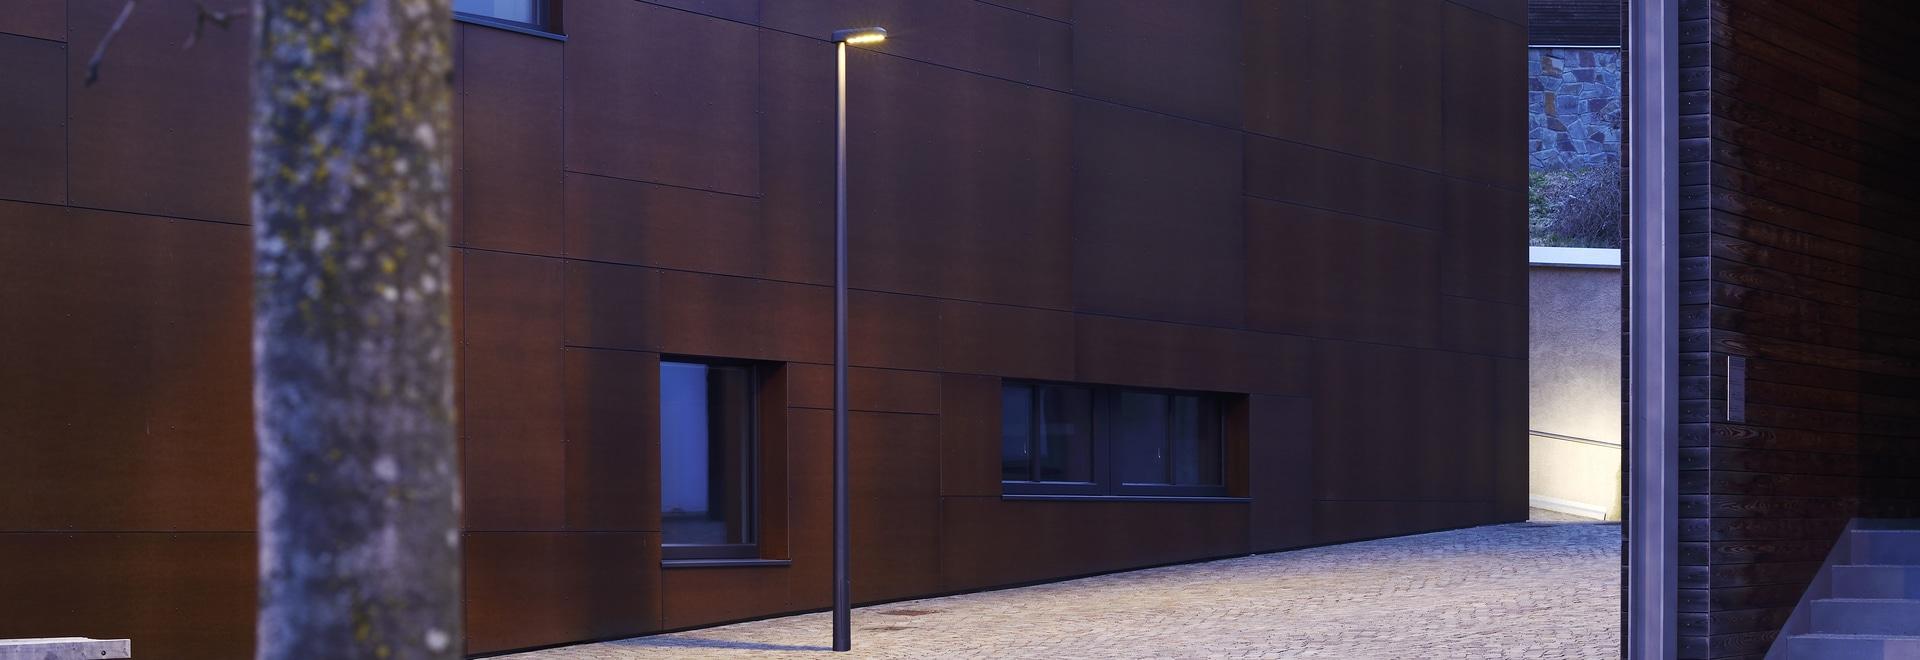 DISPARAISSENT l'appareil d'éclairage